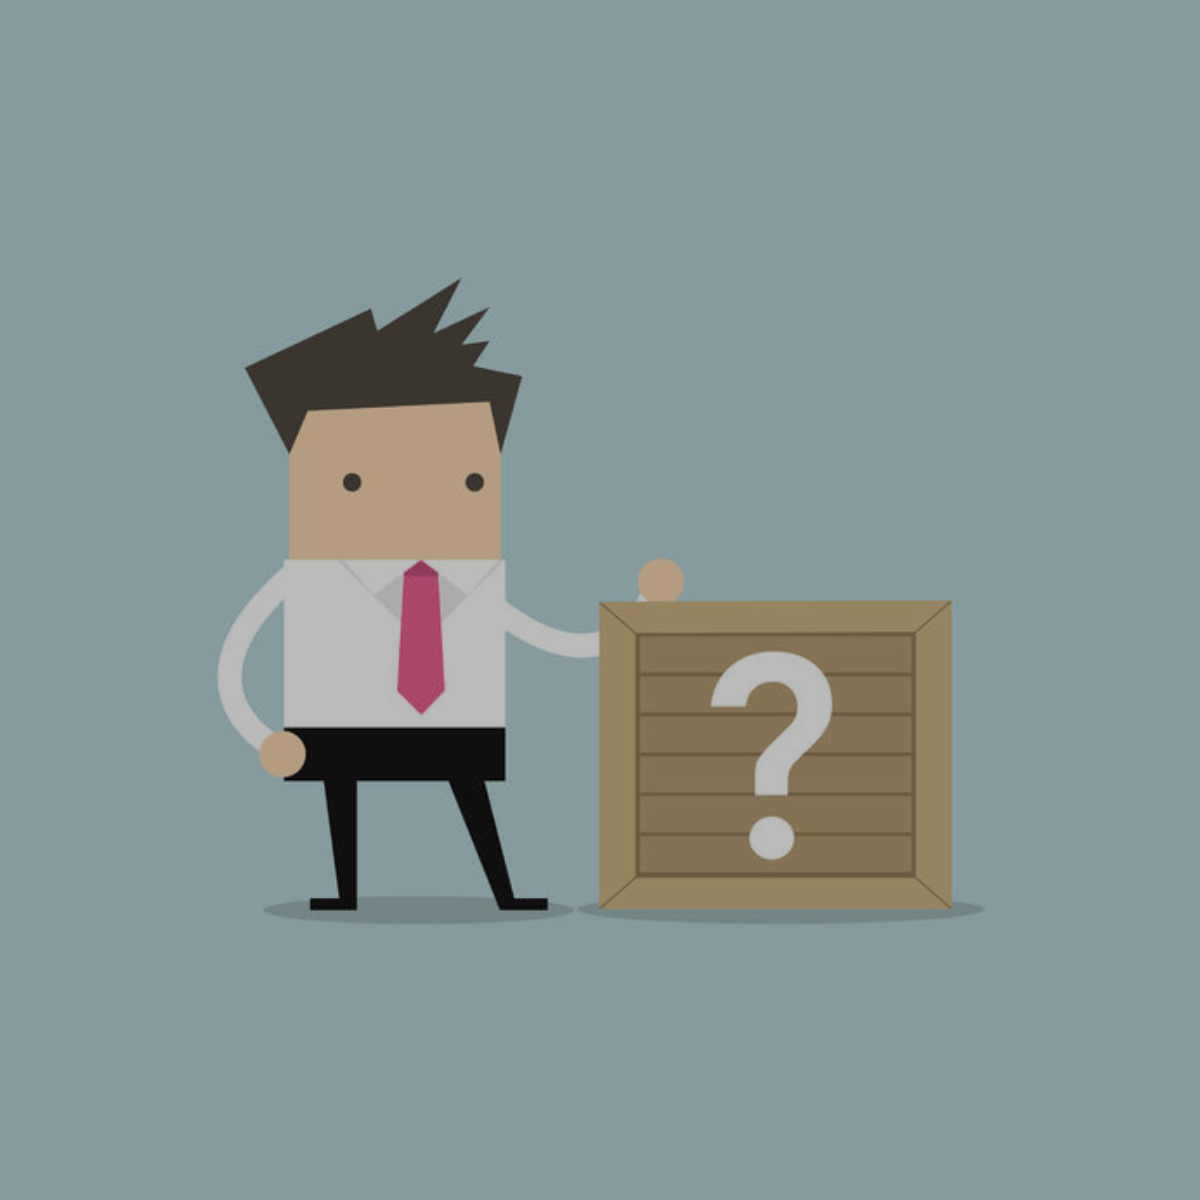 Taux d'intérêts des prêts : comment les prêteurs les établissent-ils?